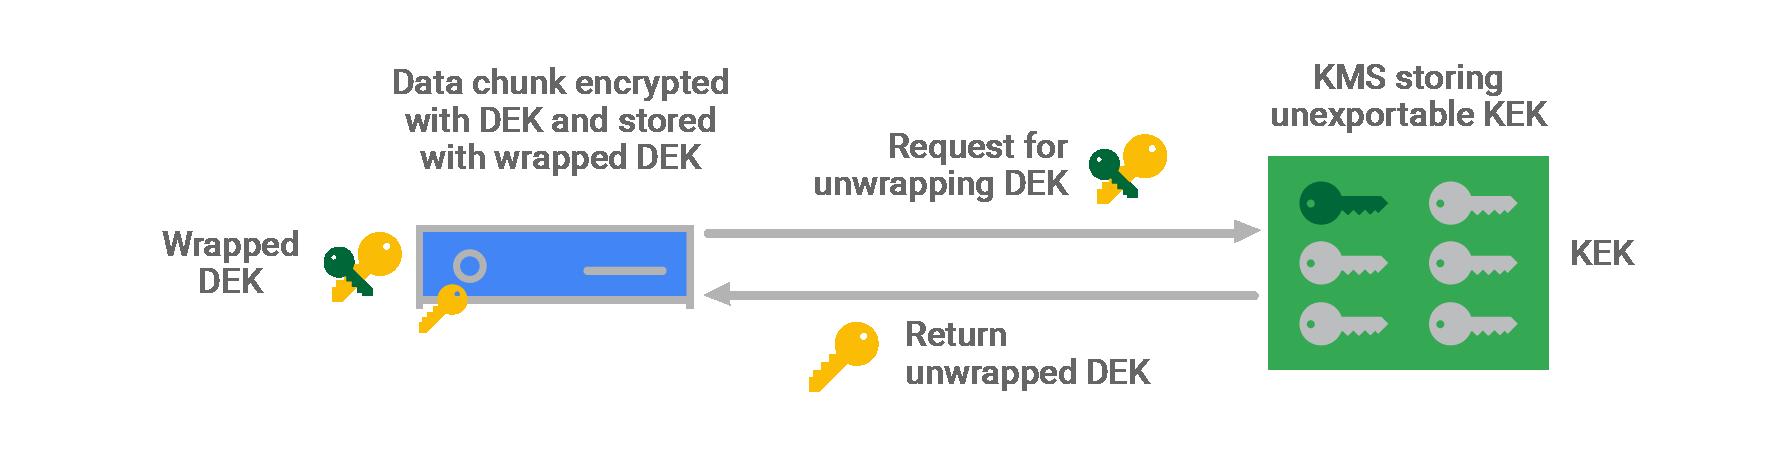 Diagrama de desencriptado de fragmentos de datos